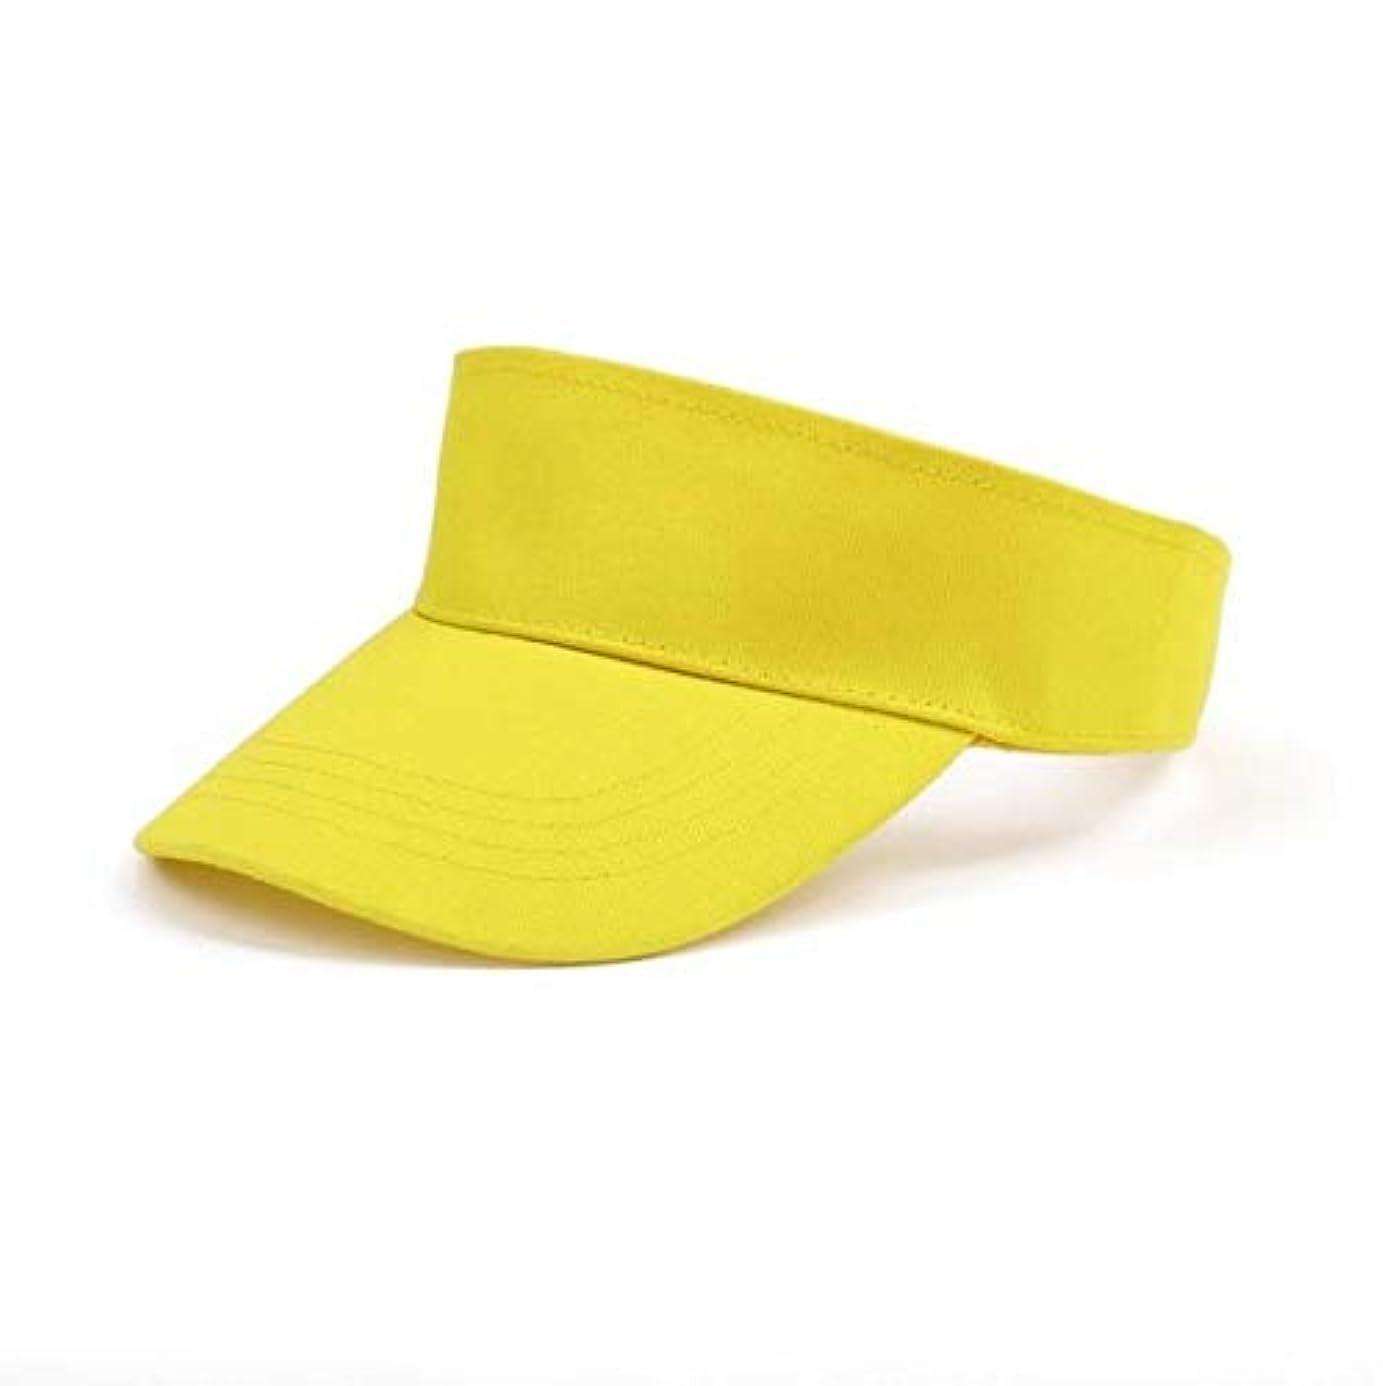 グリーンランドディレクター追記YJZG 新しい女性/男性の学生カップルの野生のファッションサンバイザーレンズ日焼け止め旅行高強度の太陽の帽子 (Color : Light Gold, Size : One Size)